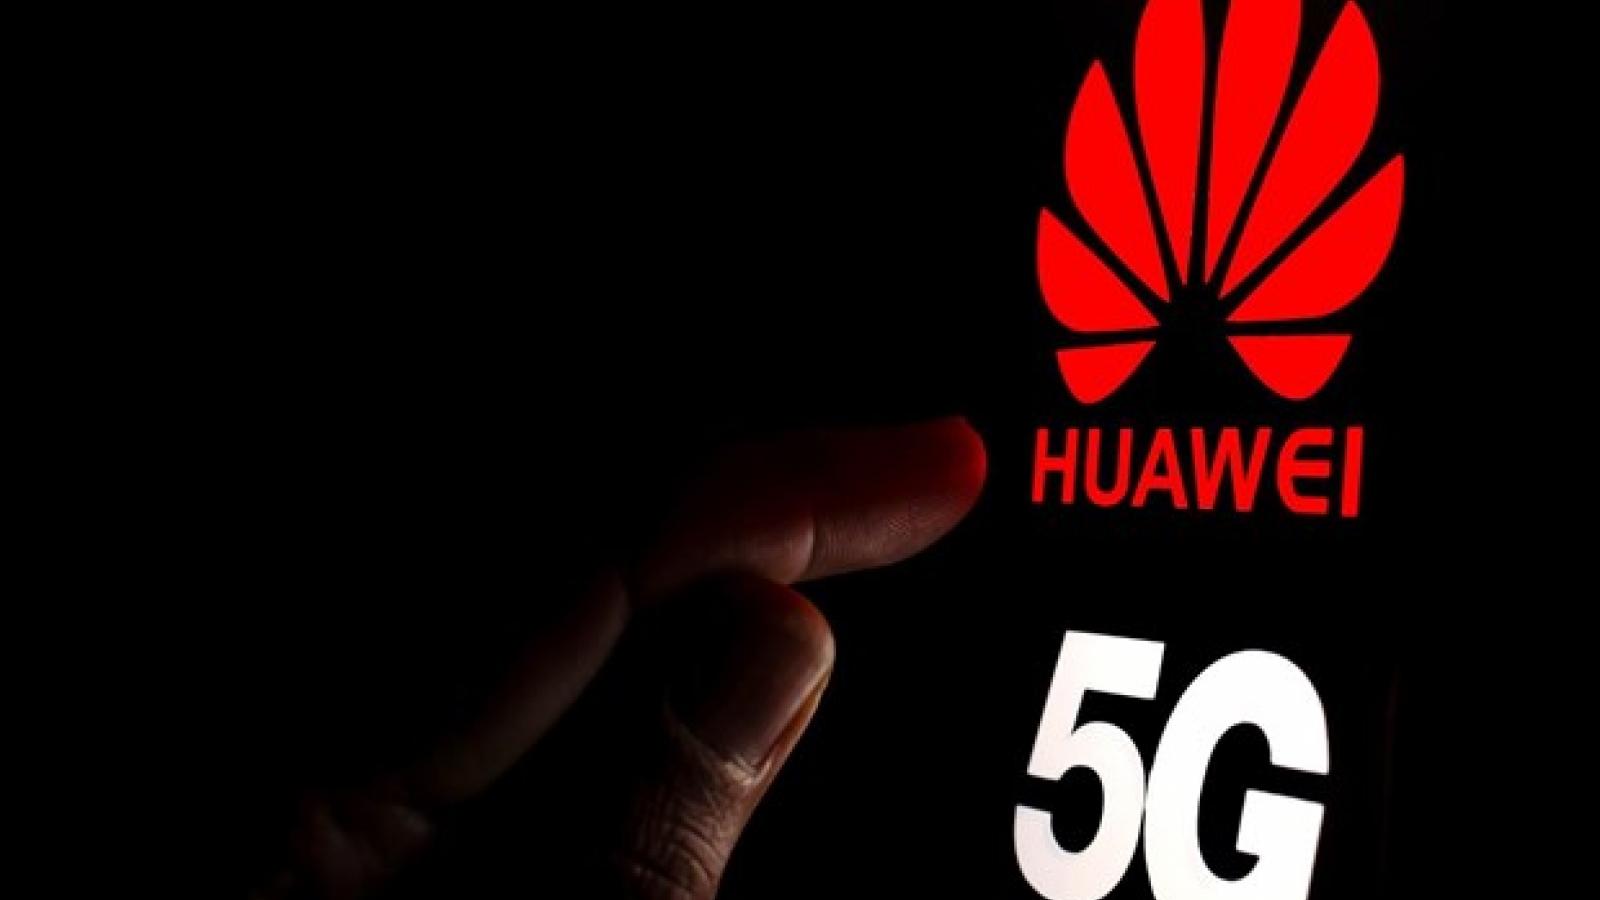 Canada cân nhắc về khả năng ban hành lệnh cấm thiết bị 5G của Huawei